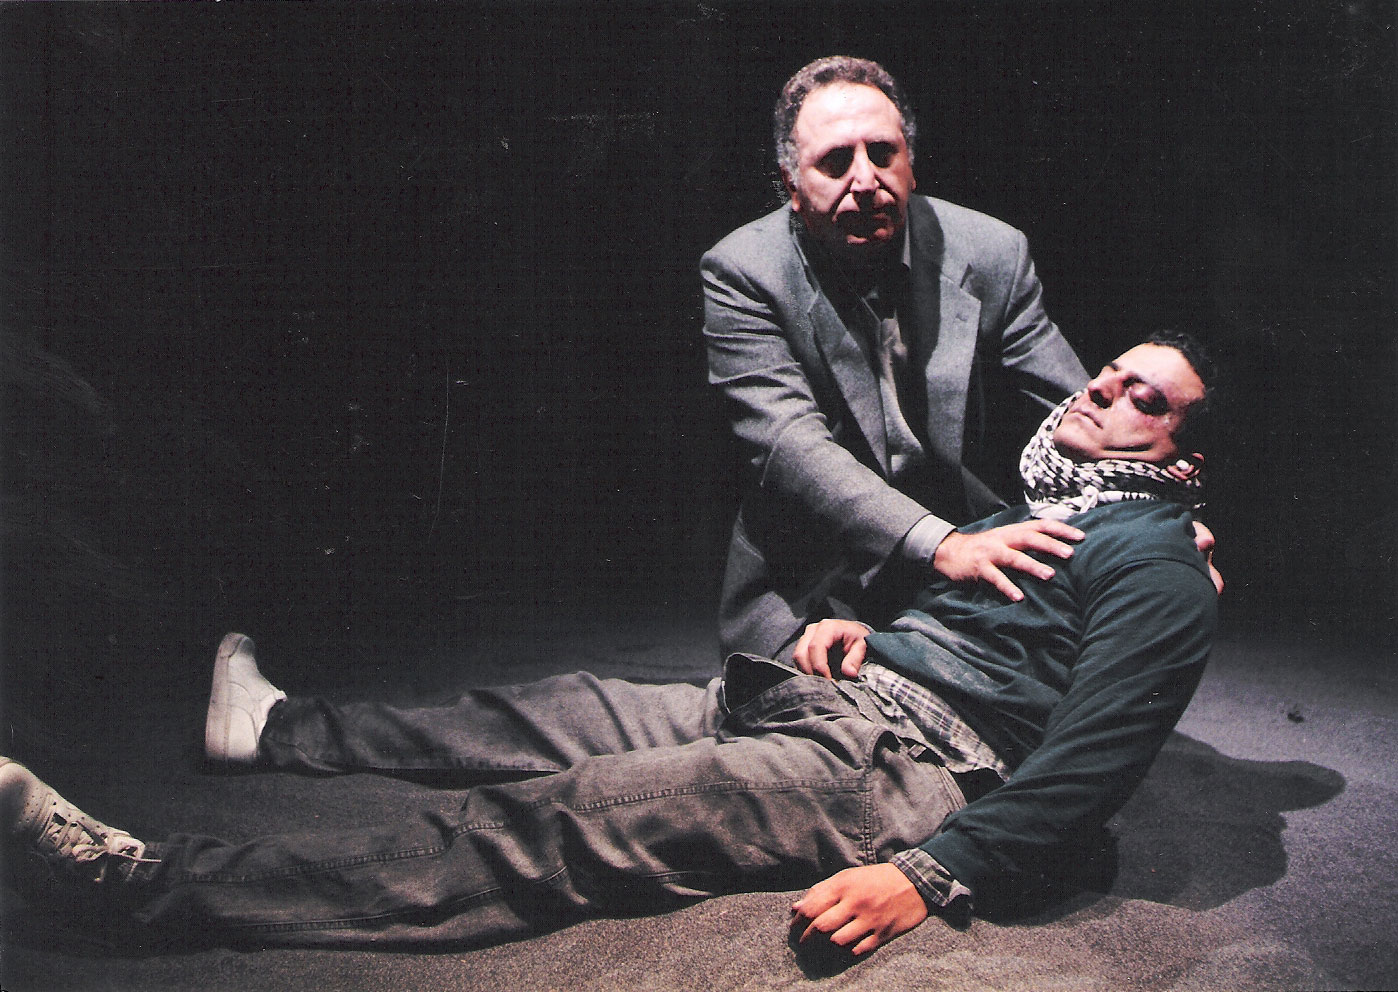 צילום: גדי דגון, באדיבות ארכיון התיאטרון הקאמרי